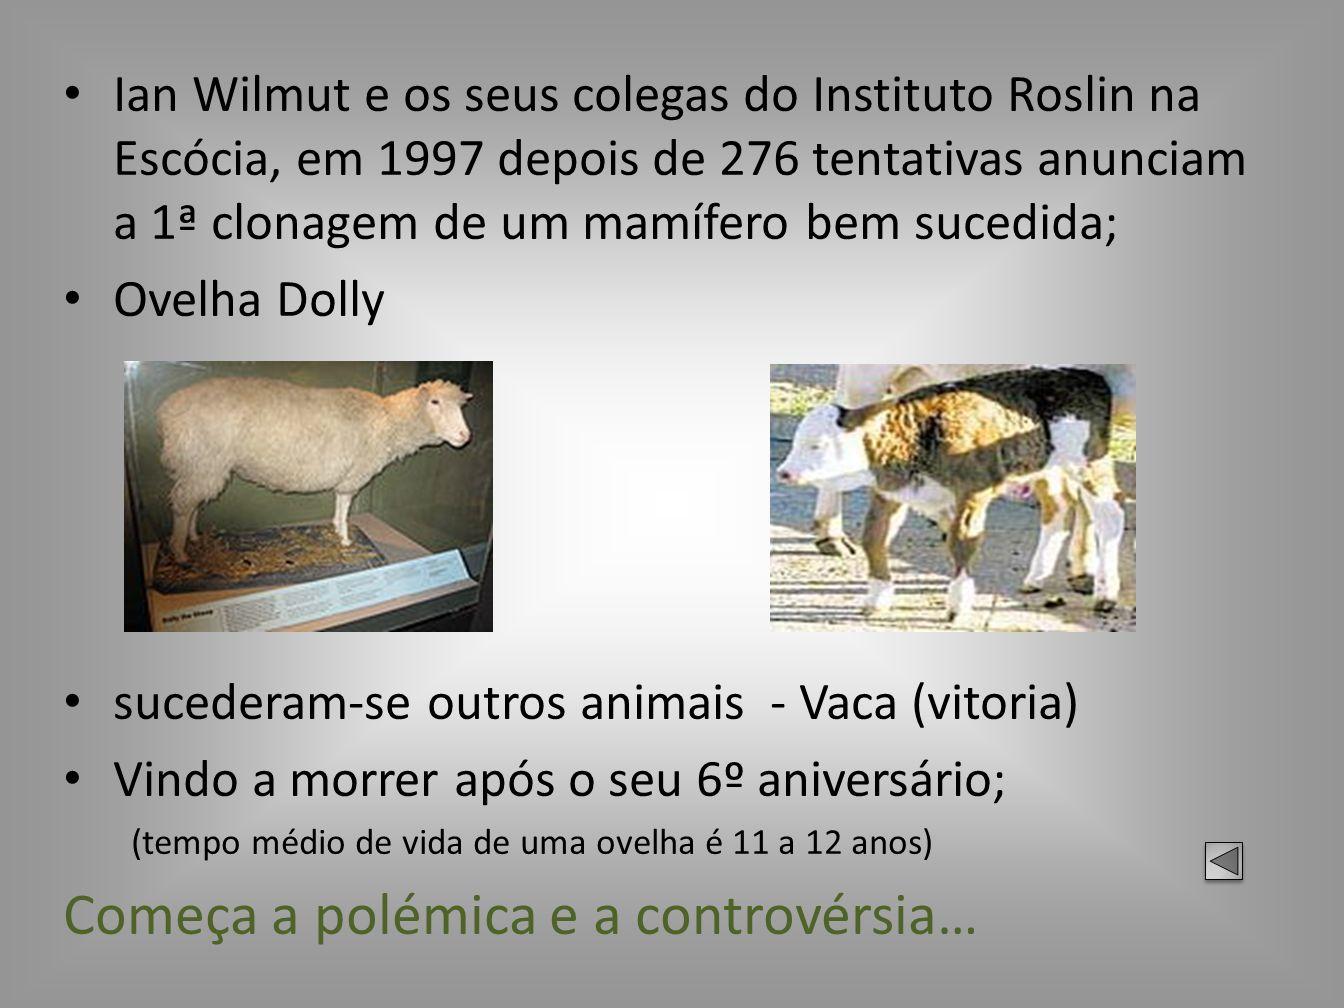 Ian Wilmut e os seus colegas do Instituto Roslin na Escócia, em 1997 depois de 276 tentativas anunciam a 1ª clonagem de um mamífero bem sucedida; Ovel